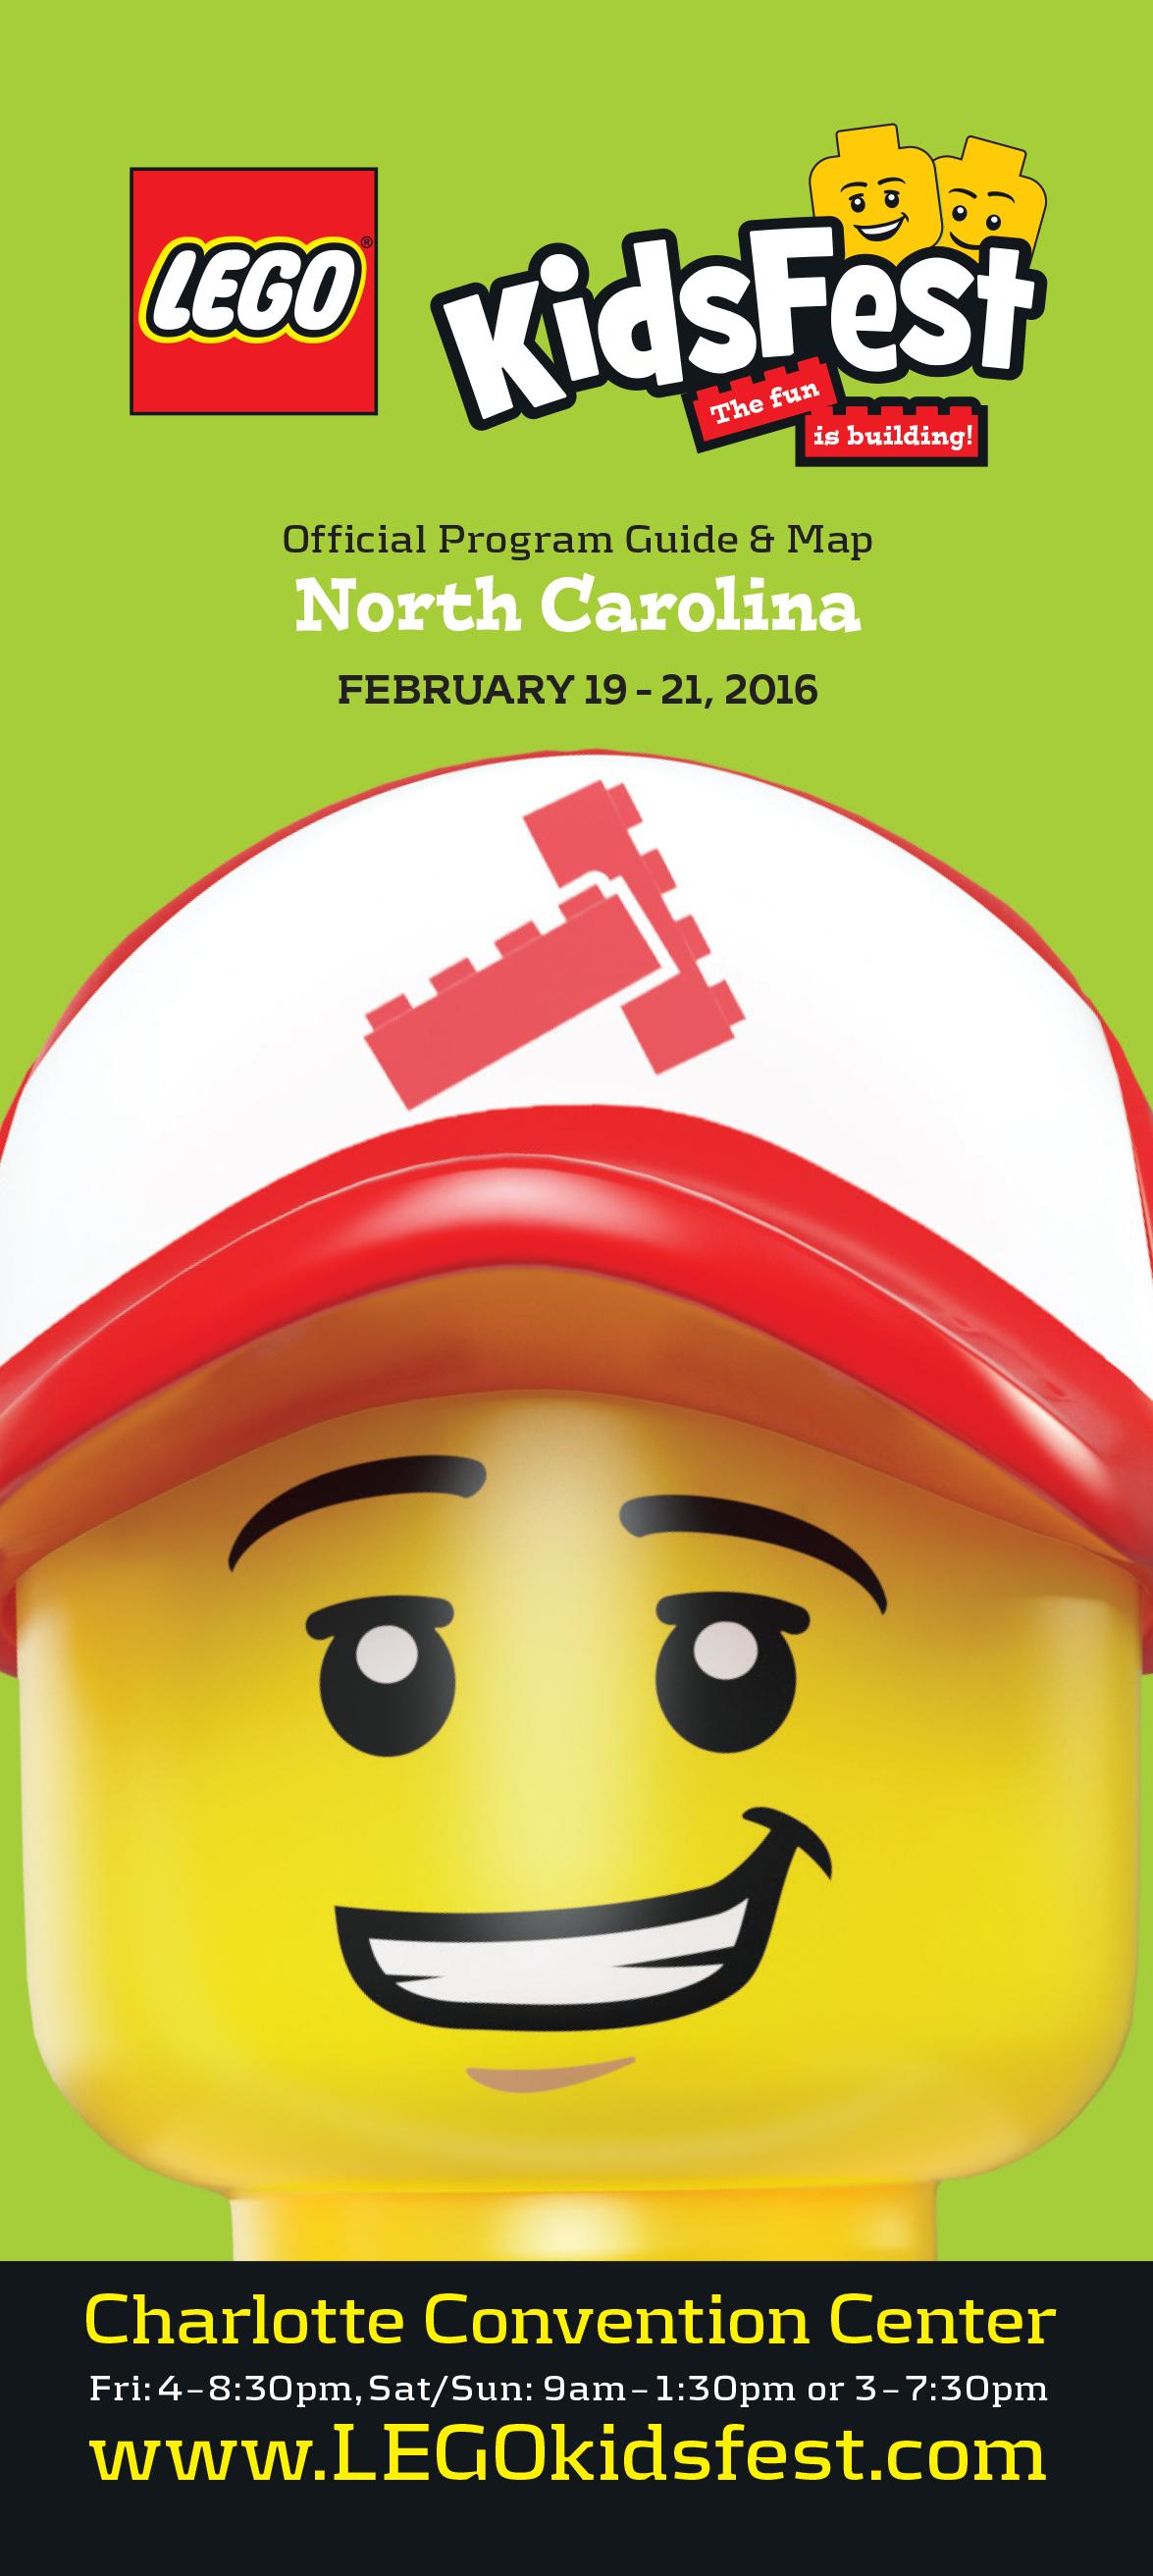 lego-kidsfest-program-guide-cover